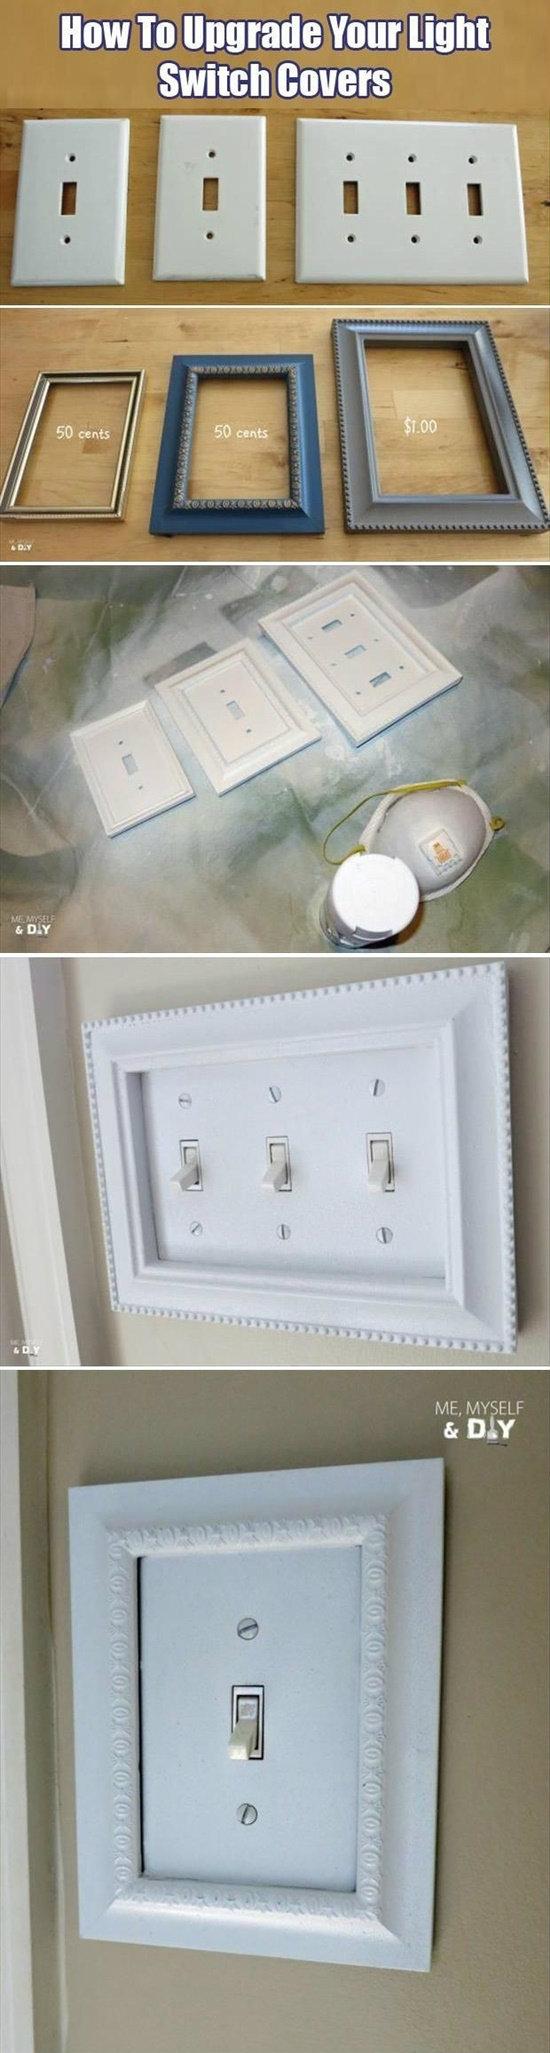 20 วิธีง่ายๆ ทำให้บ้านหรูหรา ดูรวย | Home Sweet Home | Pinterest ...